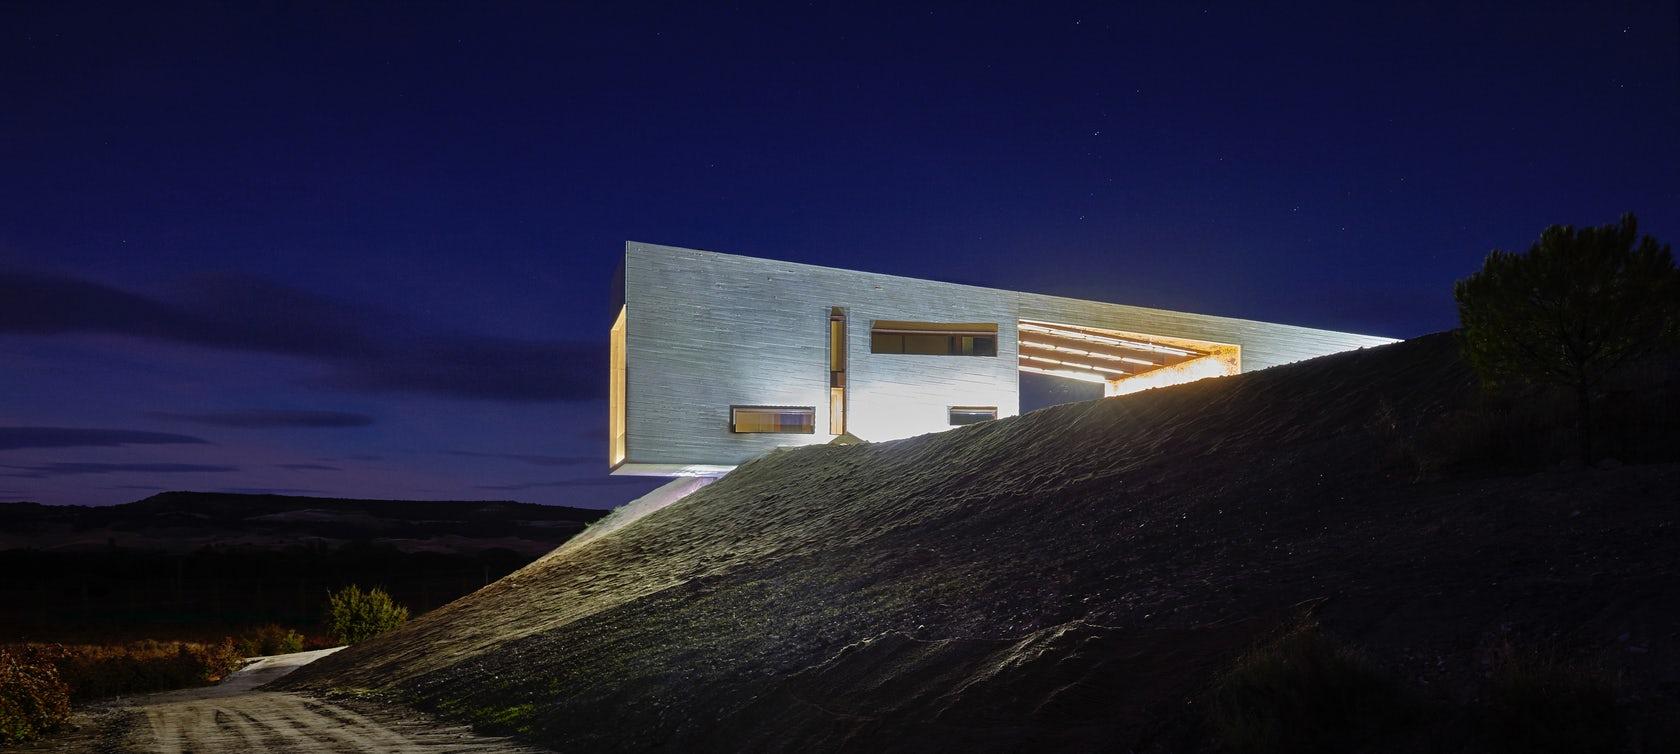 Edificio eco sostenible calor y buen vino